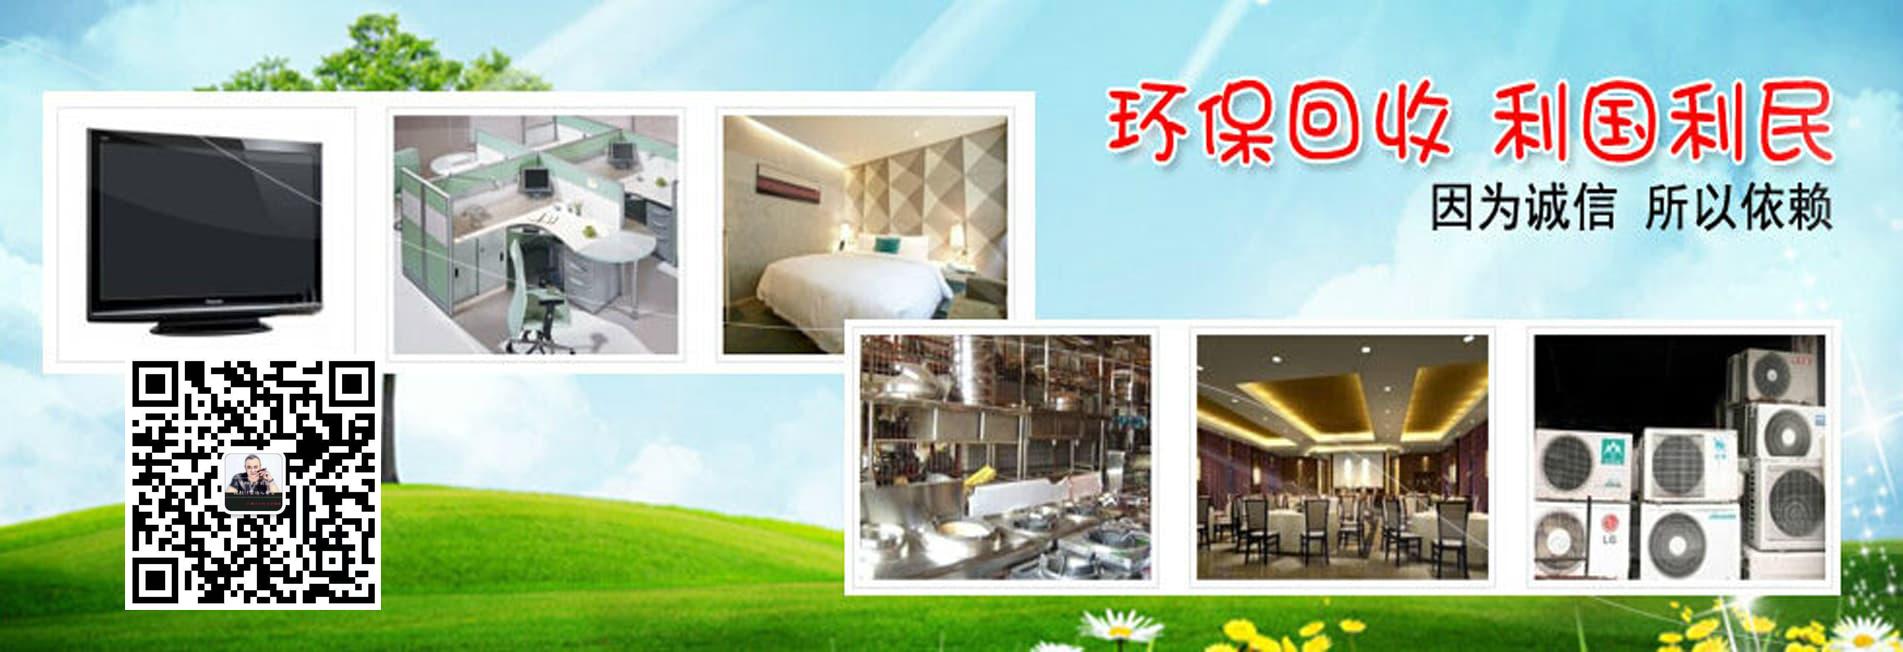 北京家具家电回收公司